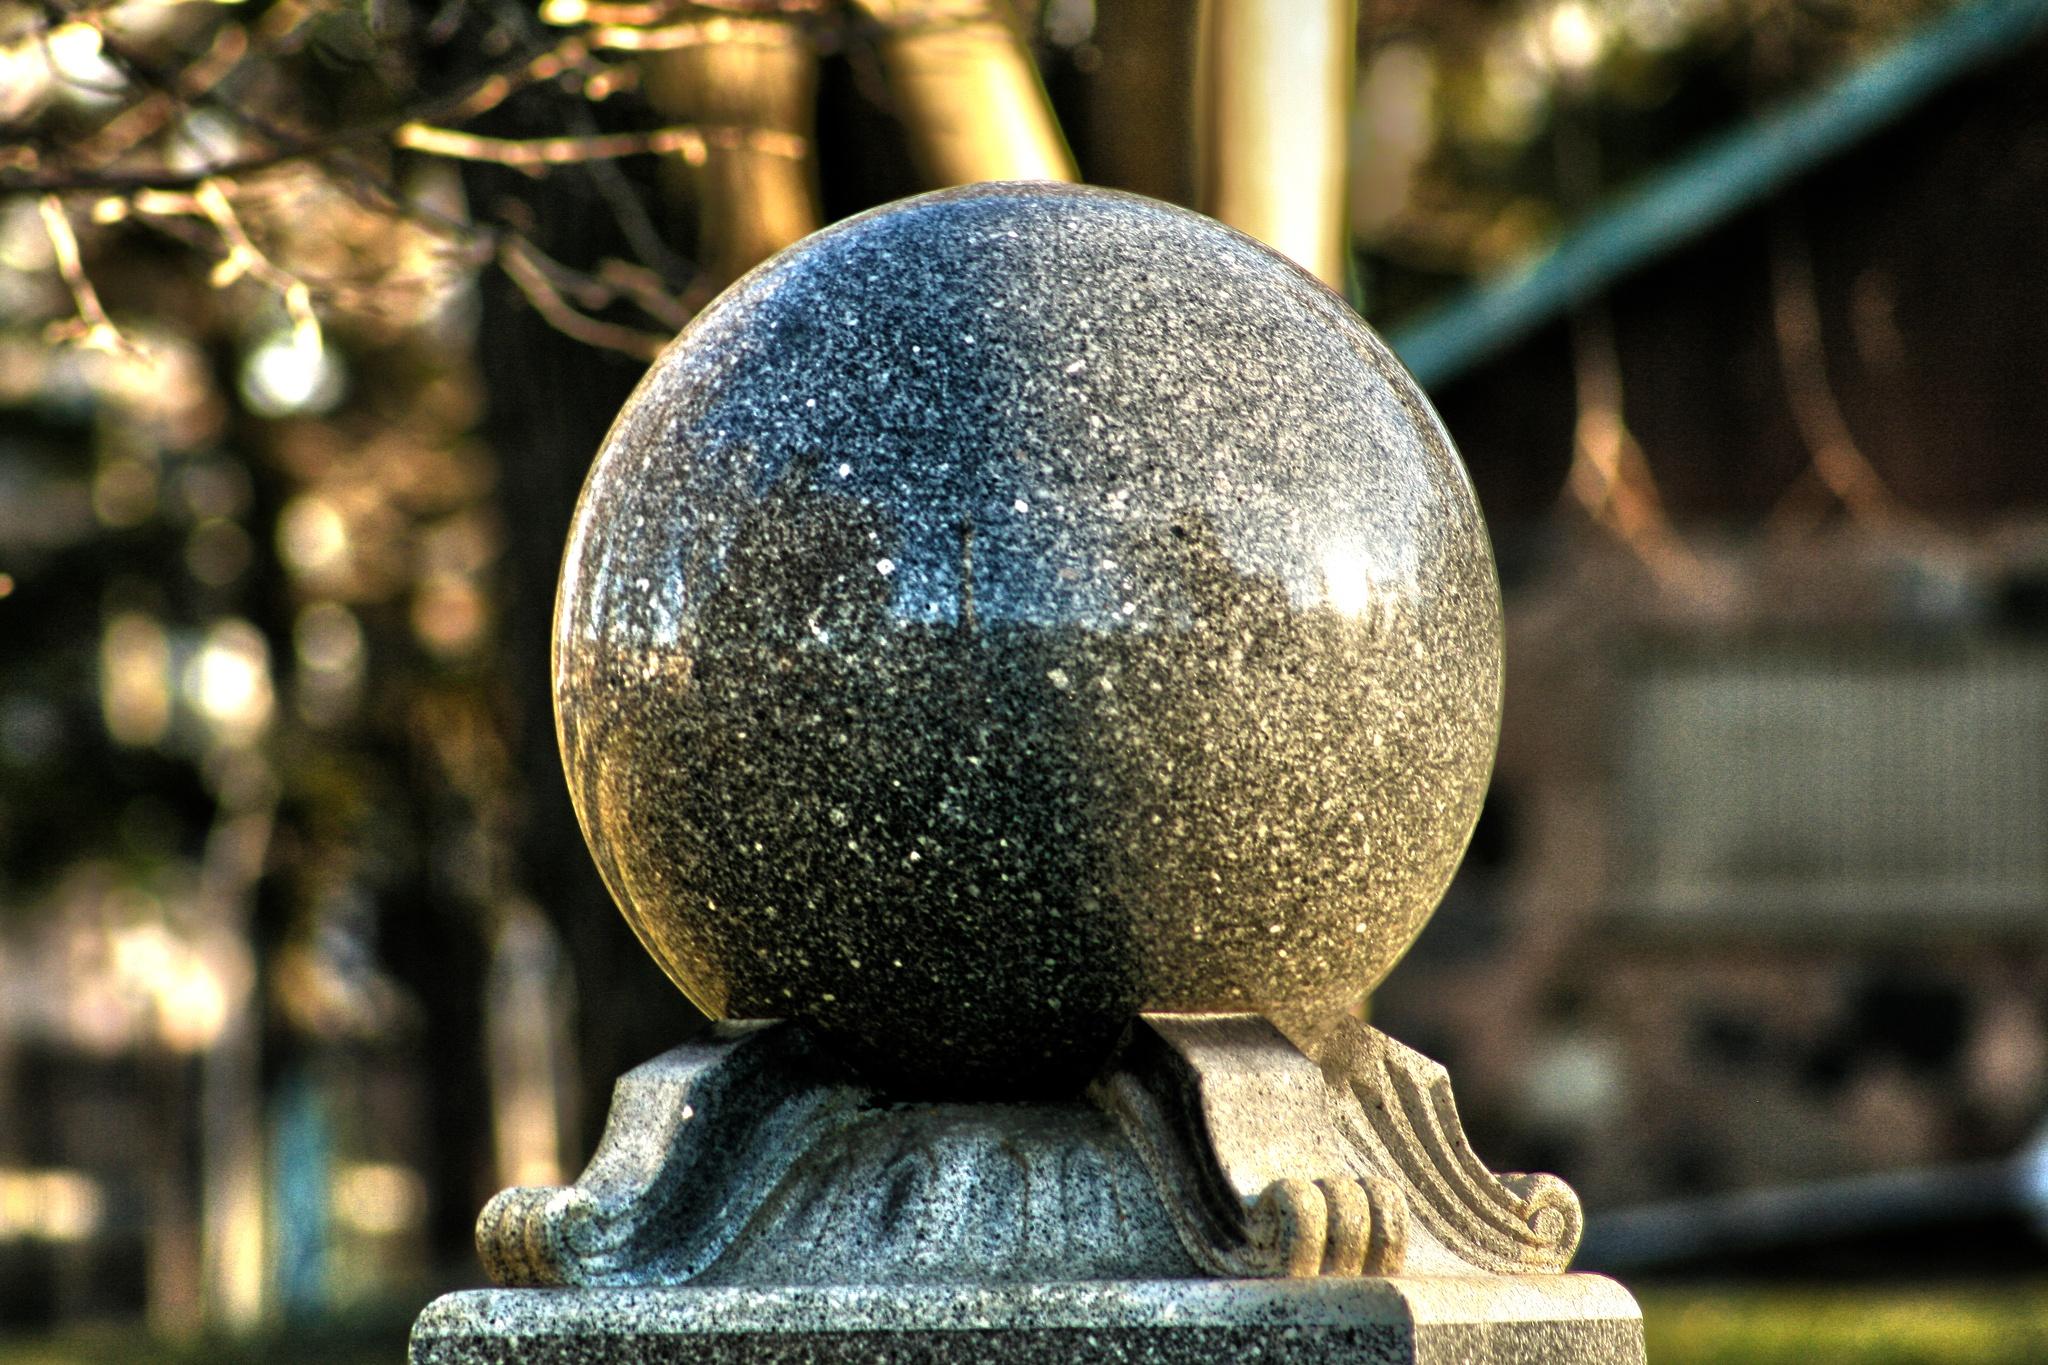 Globe Reflections by ʎpɐן uɐıpɐuɐɔ